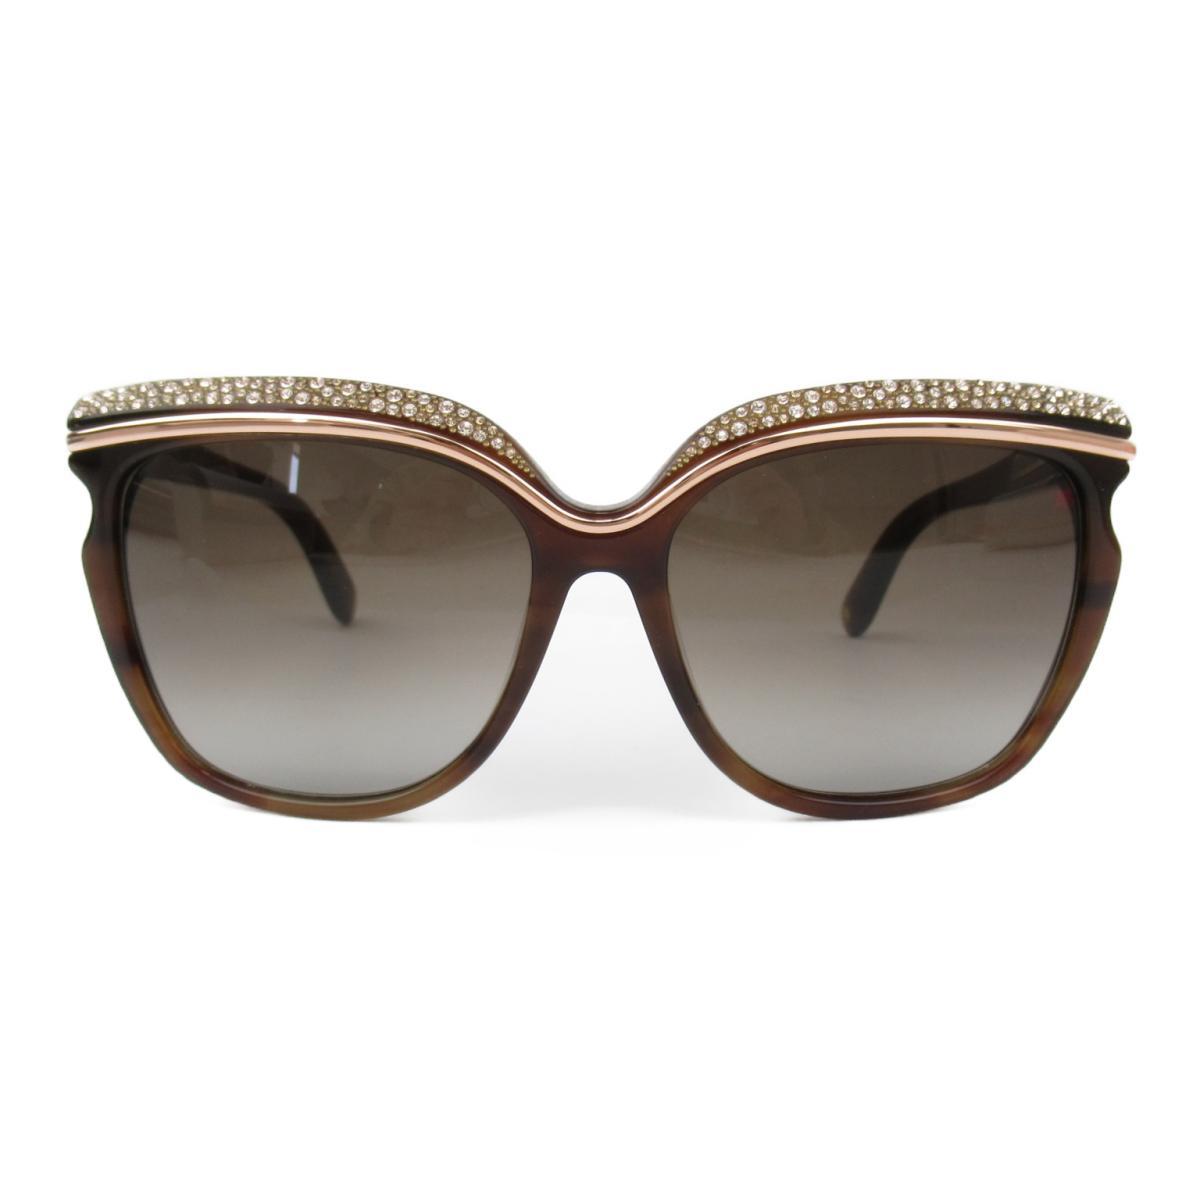 ジミーチュウ サングラス メンズ レディース レンズ:プラスチック テンプル・フレーム:プラスチック ブラウン ブラウン (SOPHIA DDK HA) | JIMMY CHOO BRANDOFF ブランドオフ ブランド 眼鏡 メガネ めがね